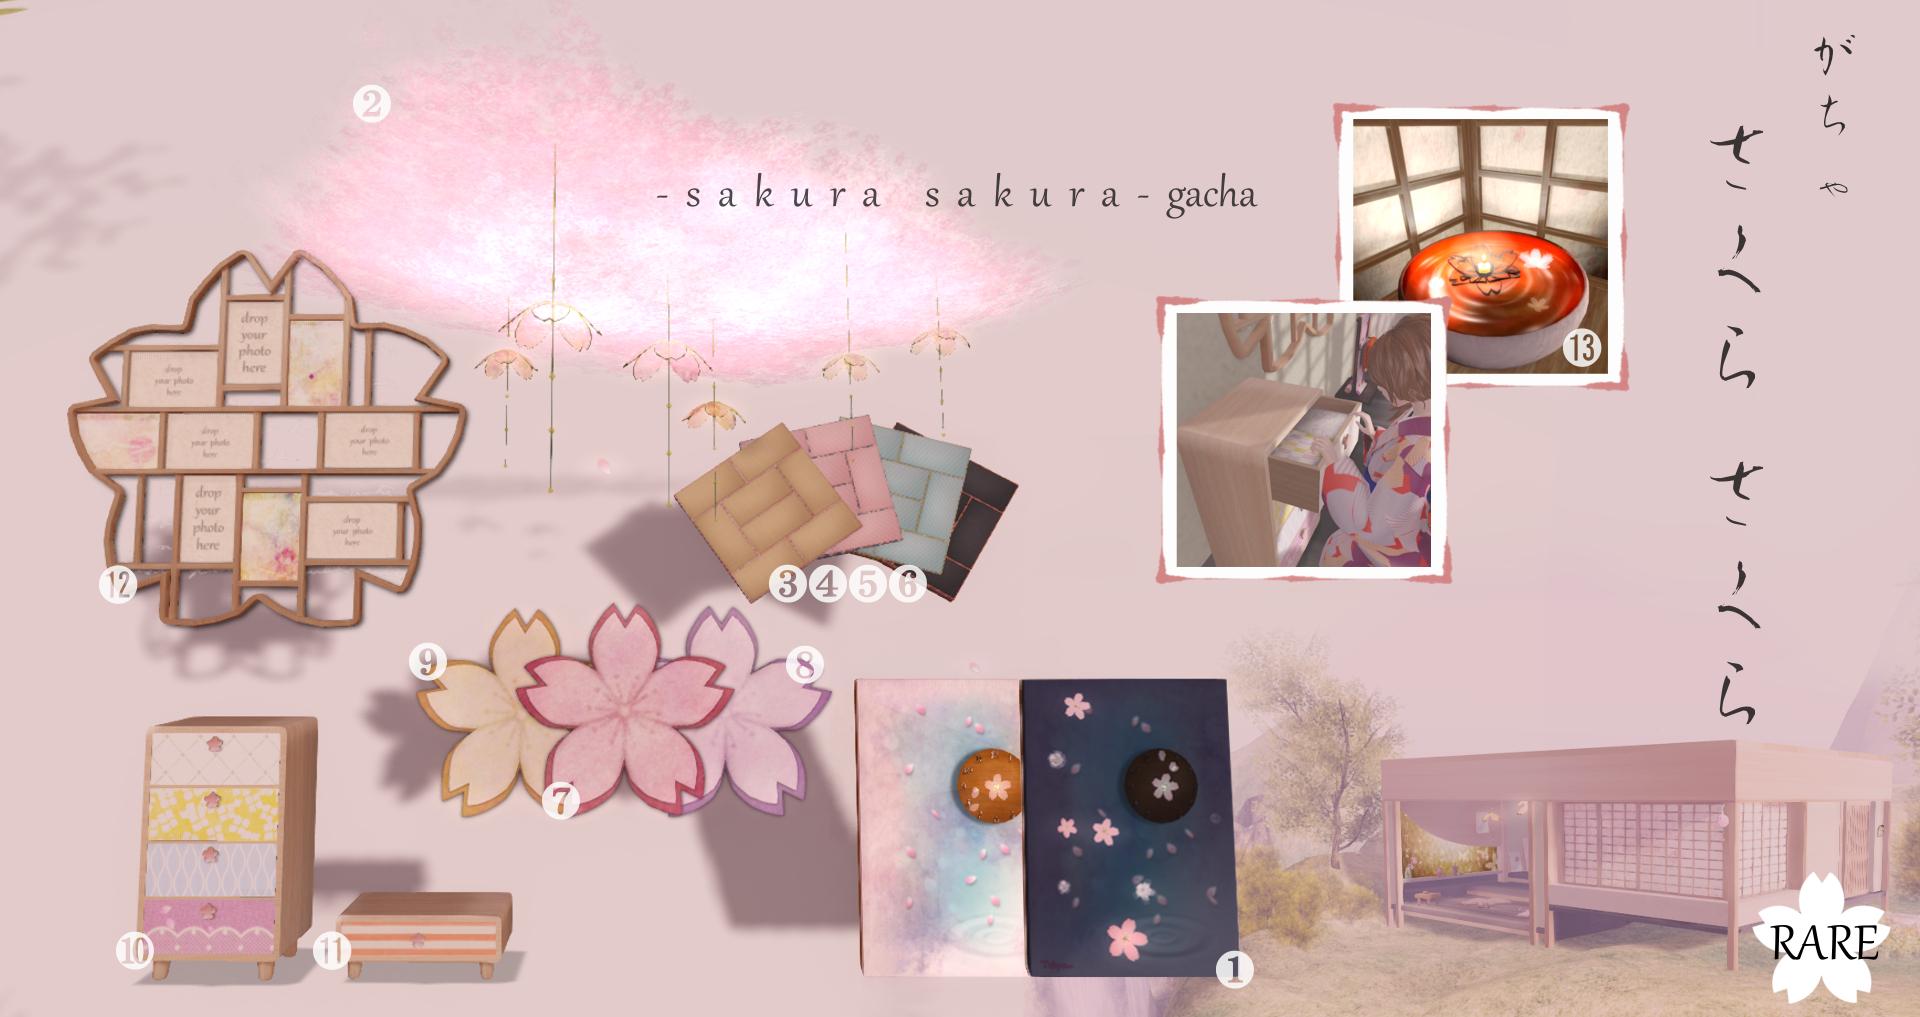 -sakurasakura-GACHA-ad.jpg